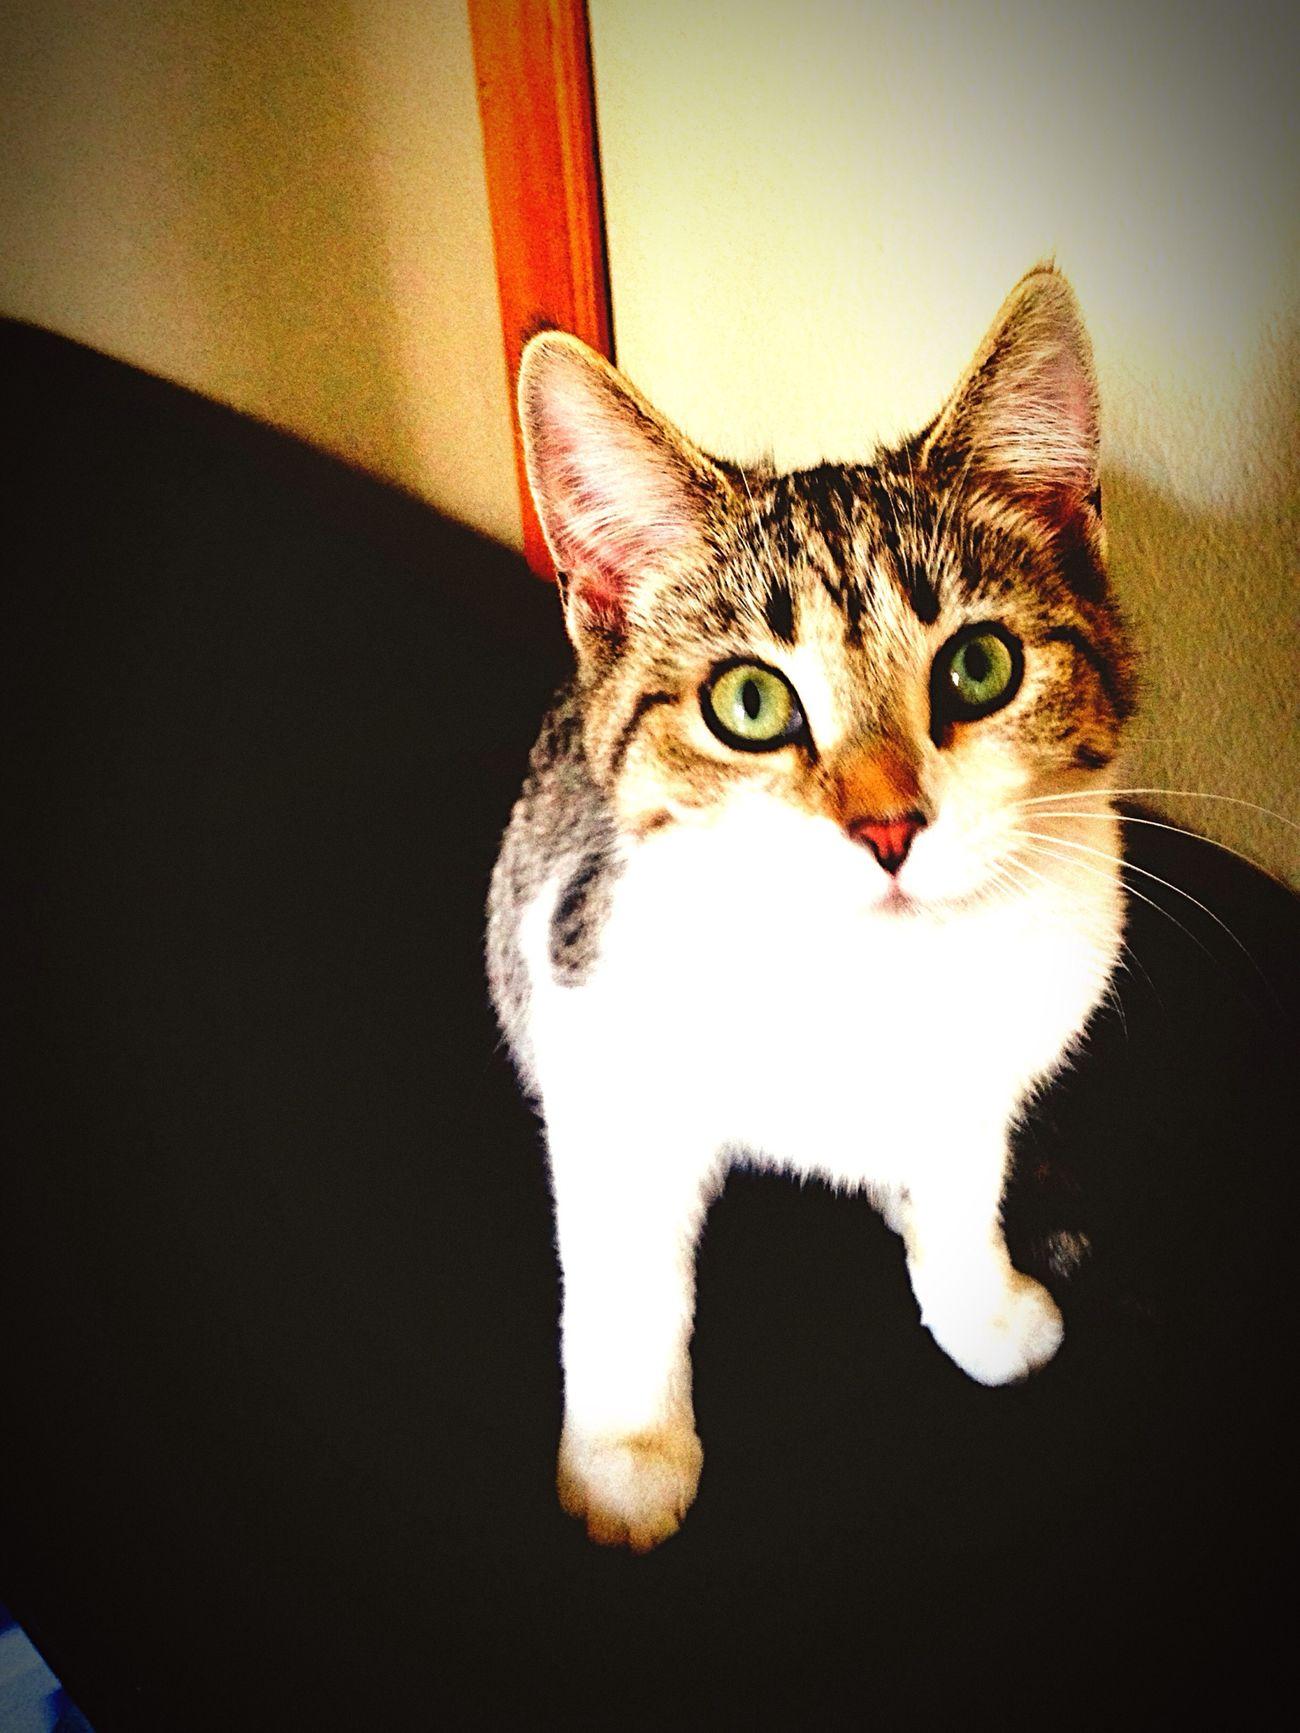 My kitten!